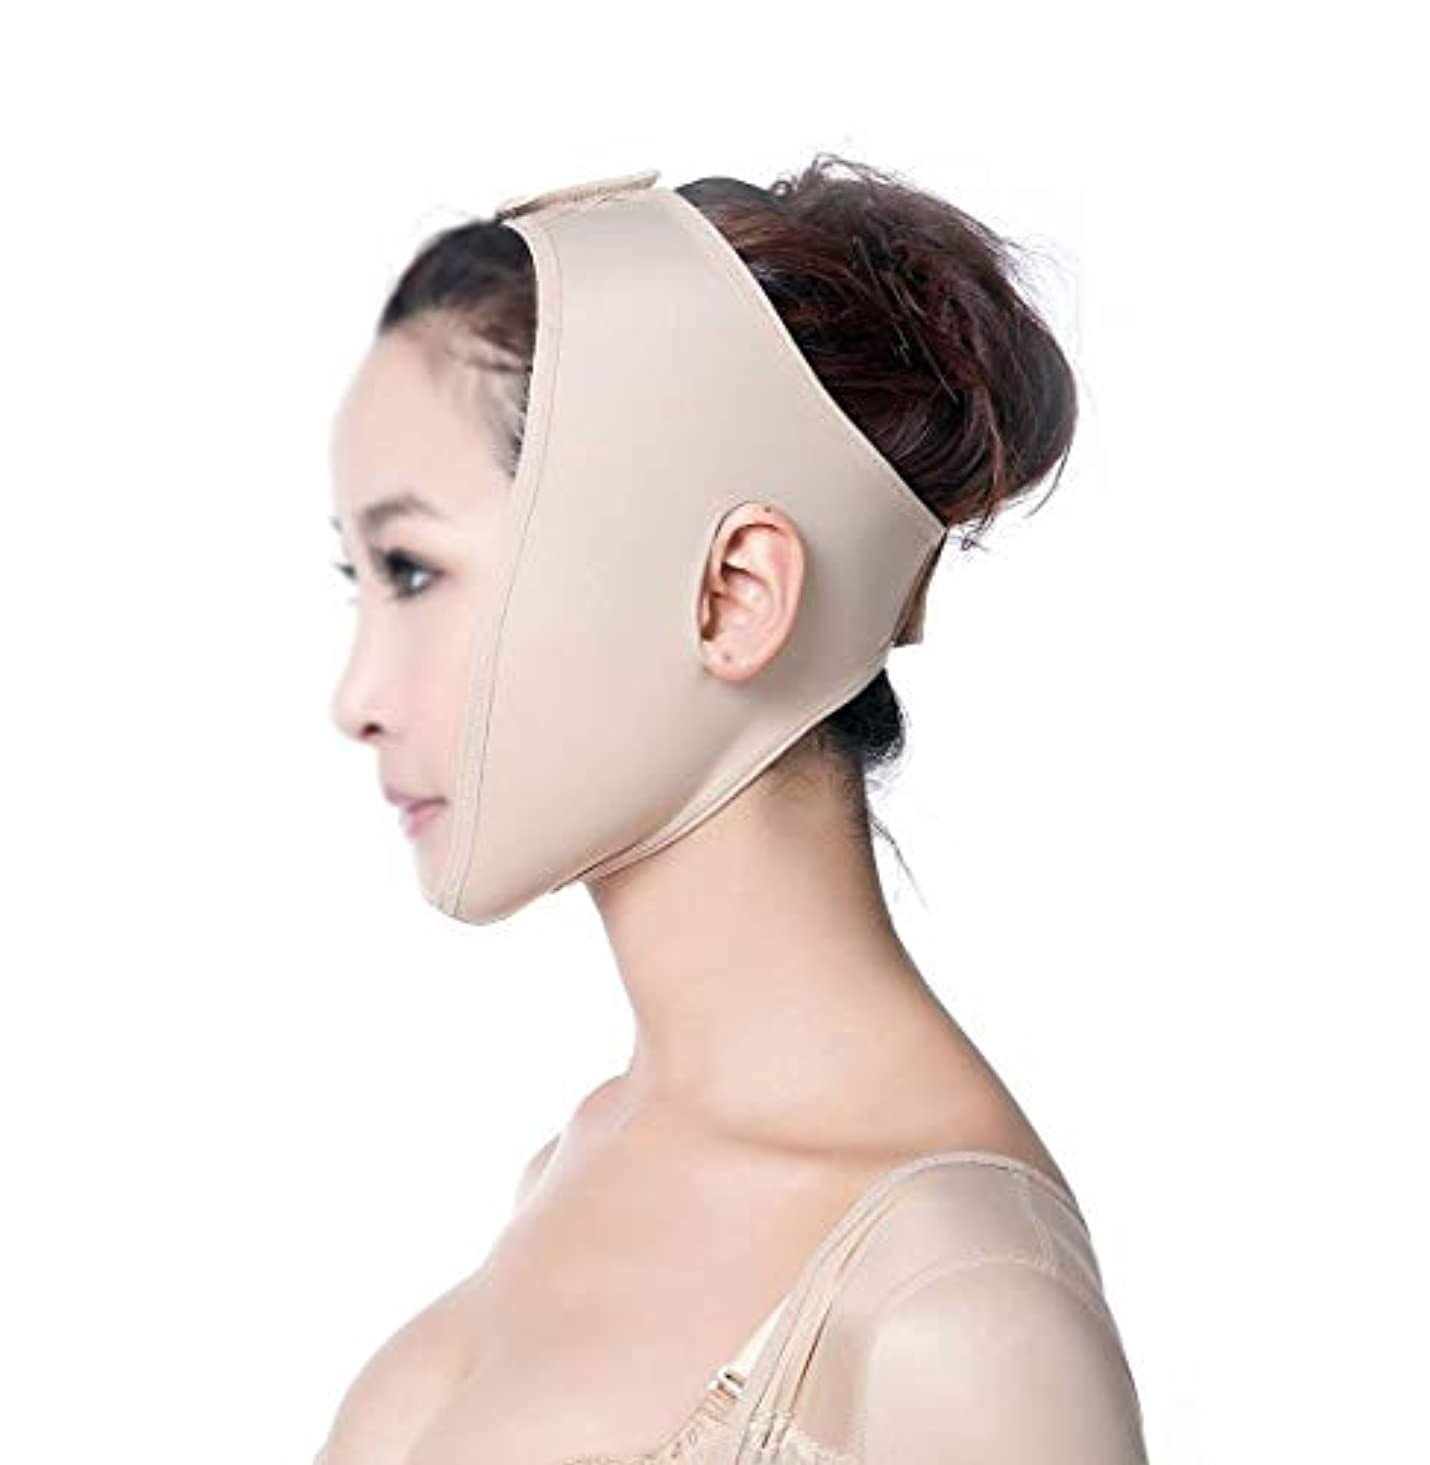 回復散らす発火するフェイスリフトマスクフェイスアンドネックリフトポストエラスティックスリーブ下顎骨セットフェイスアーティファクトVフェイスフェイシャルフェイスバンドルダブルチンマスク(サイズ:XS)